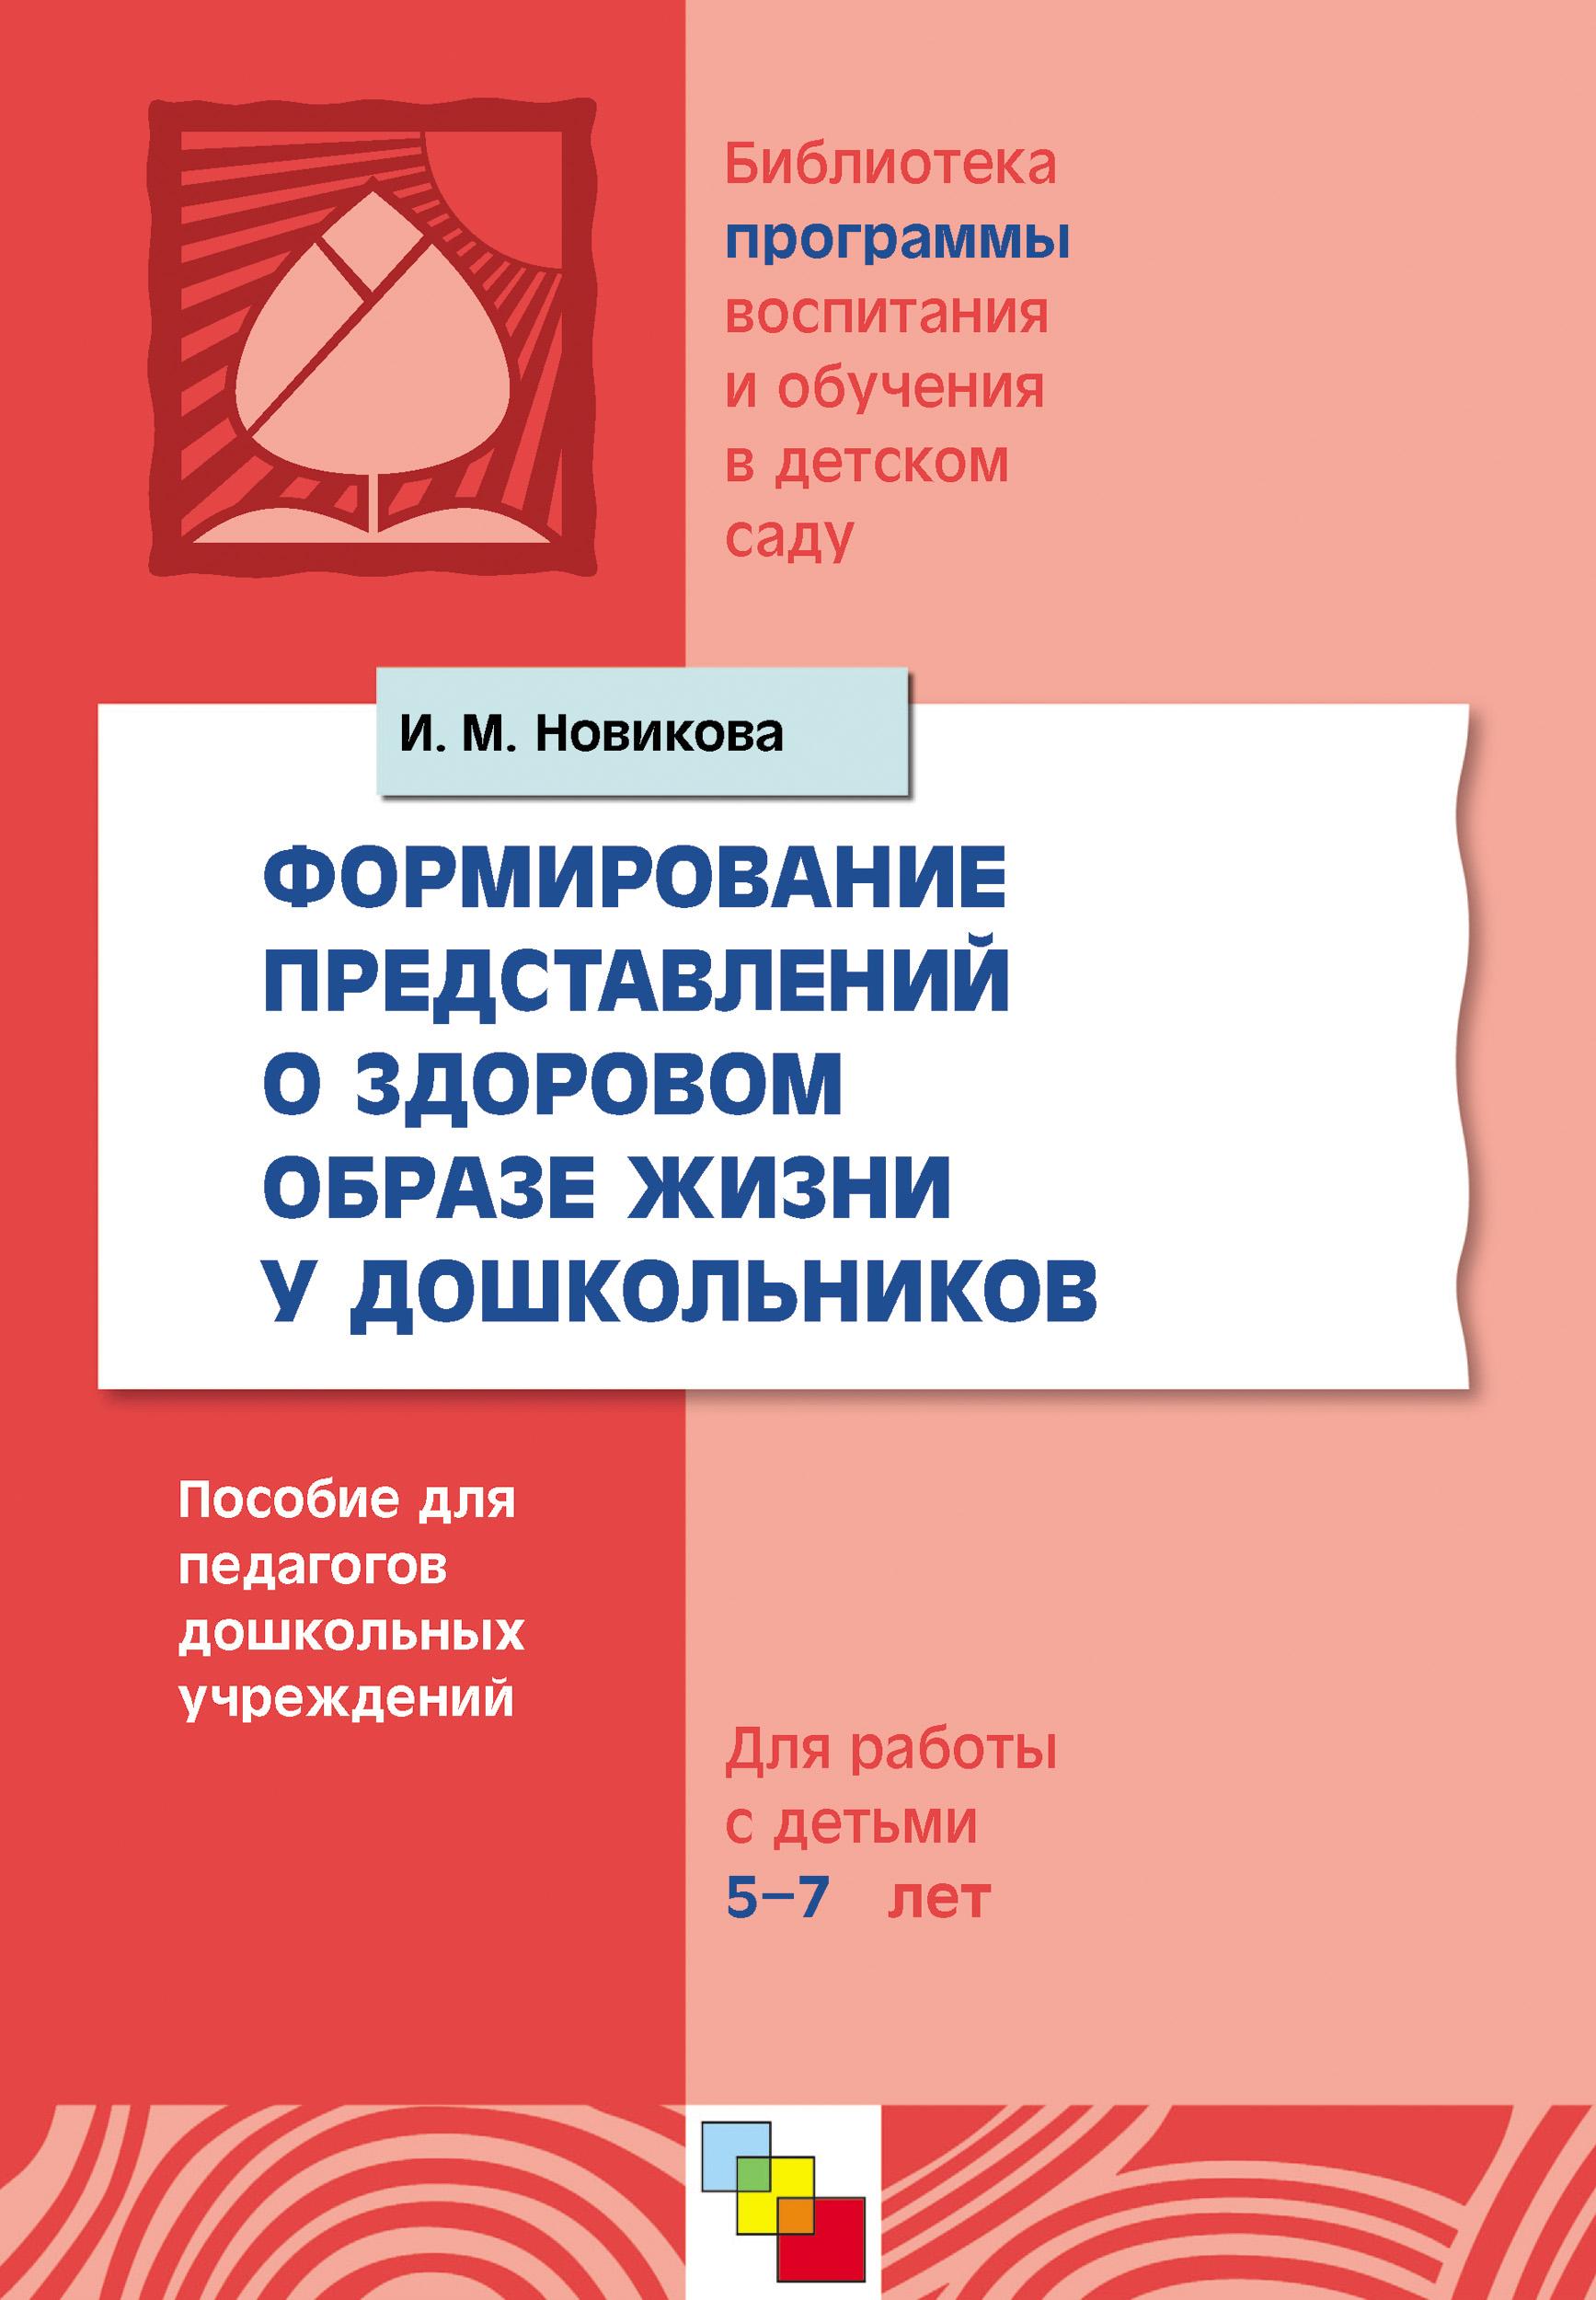 И. М. Новикова Формирование представлений о здоровом образе жизни у дошкольников. Для работы с детьми 5-7 лет